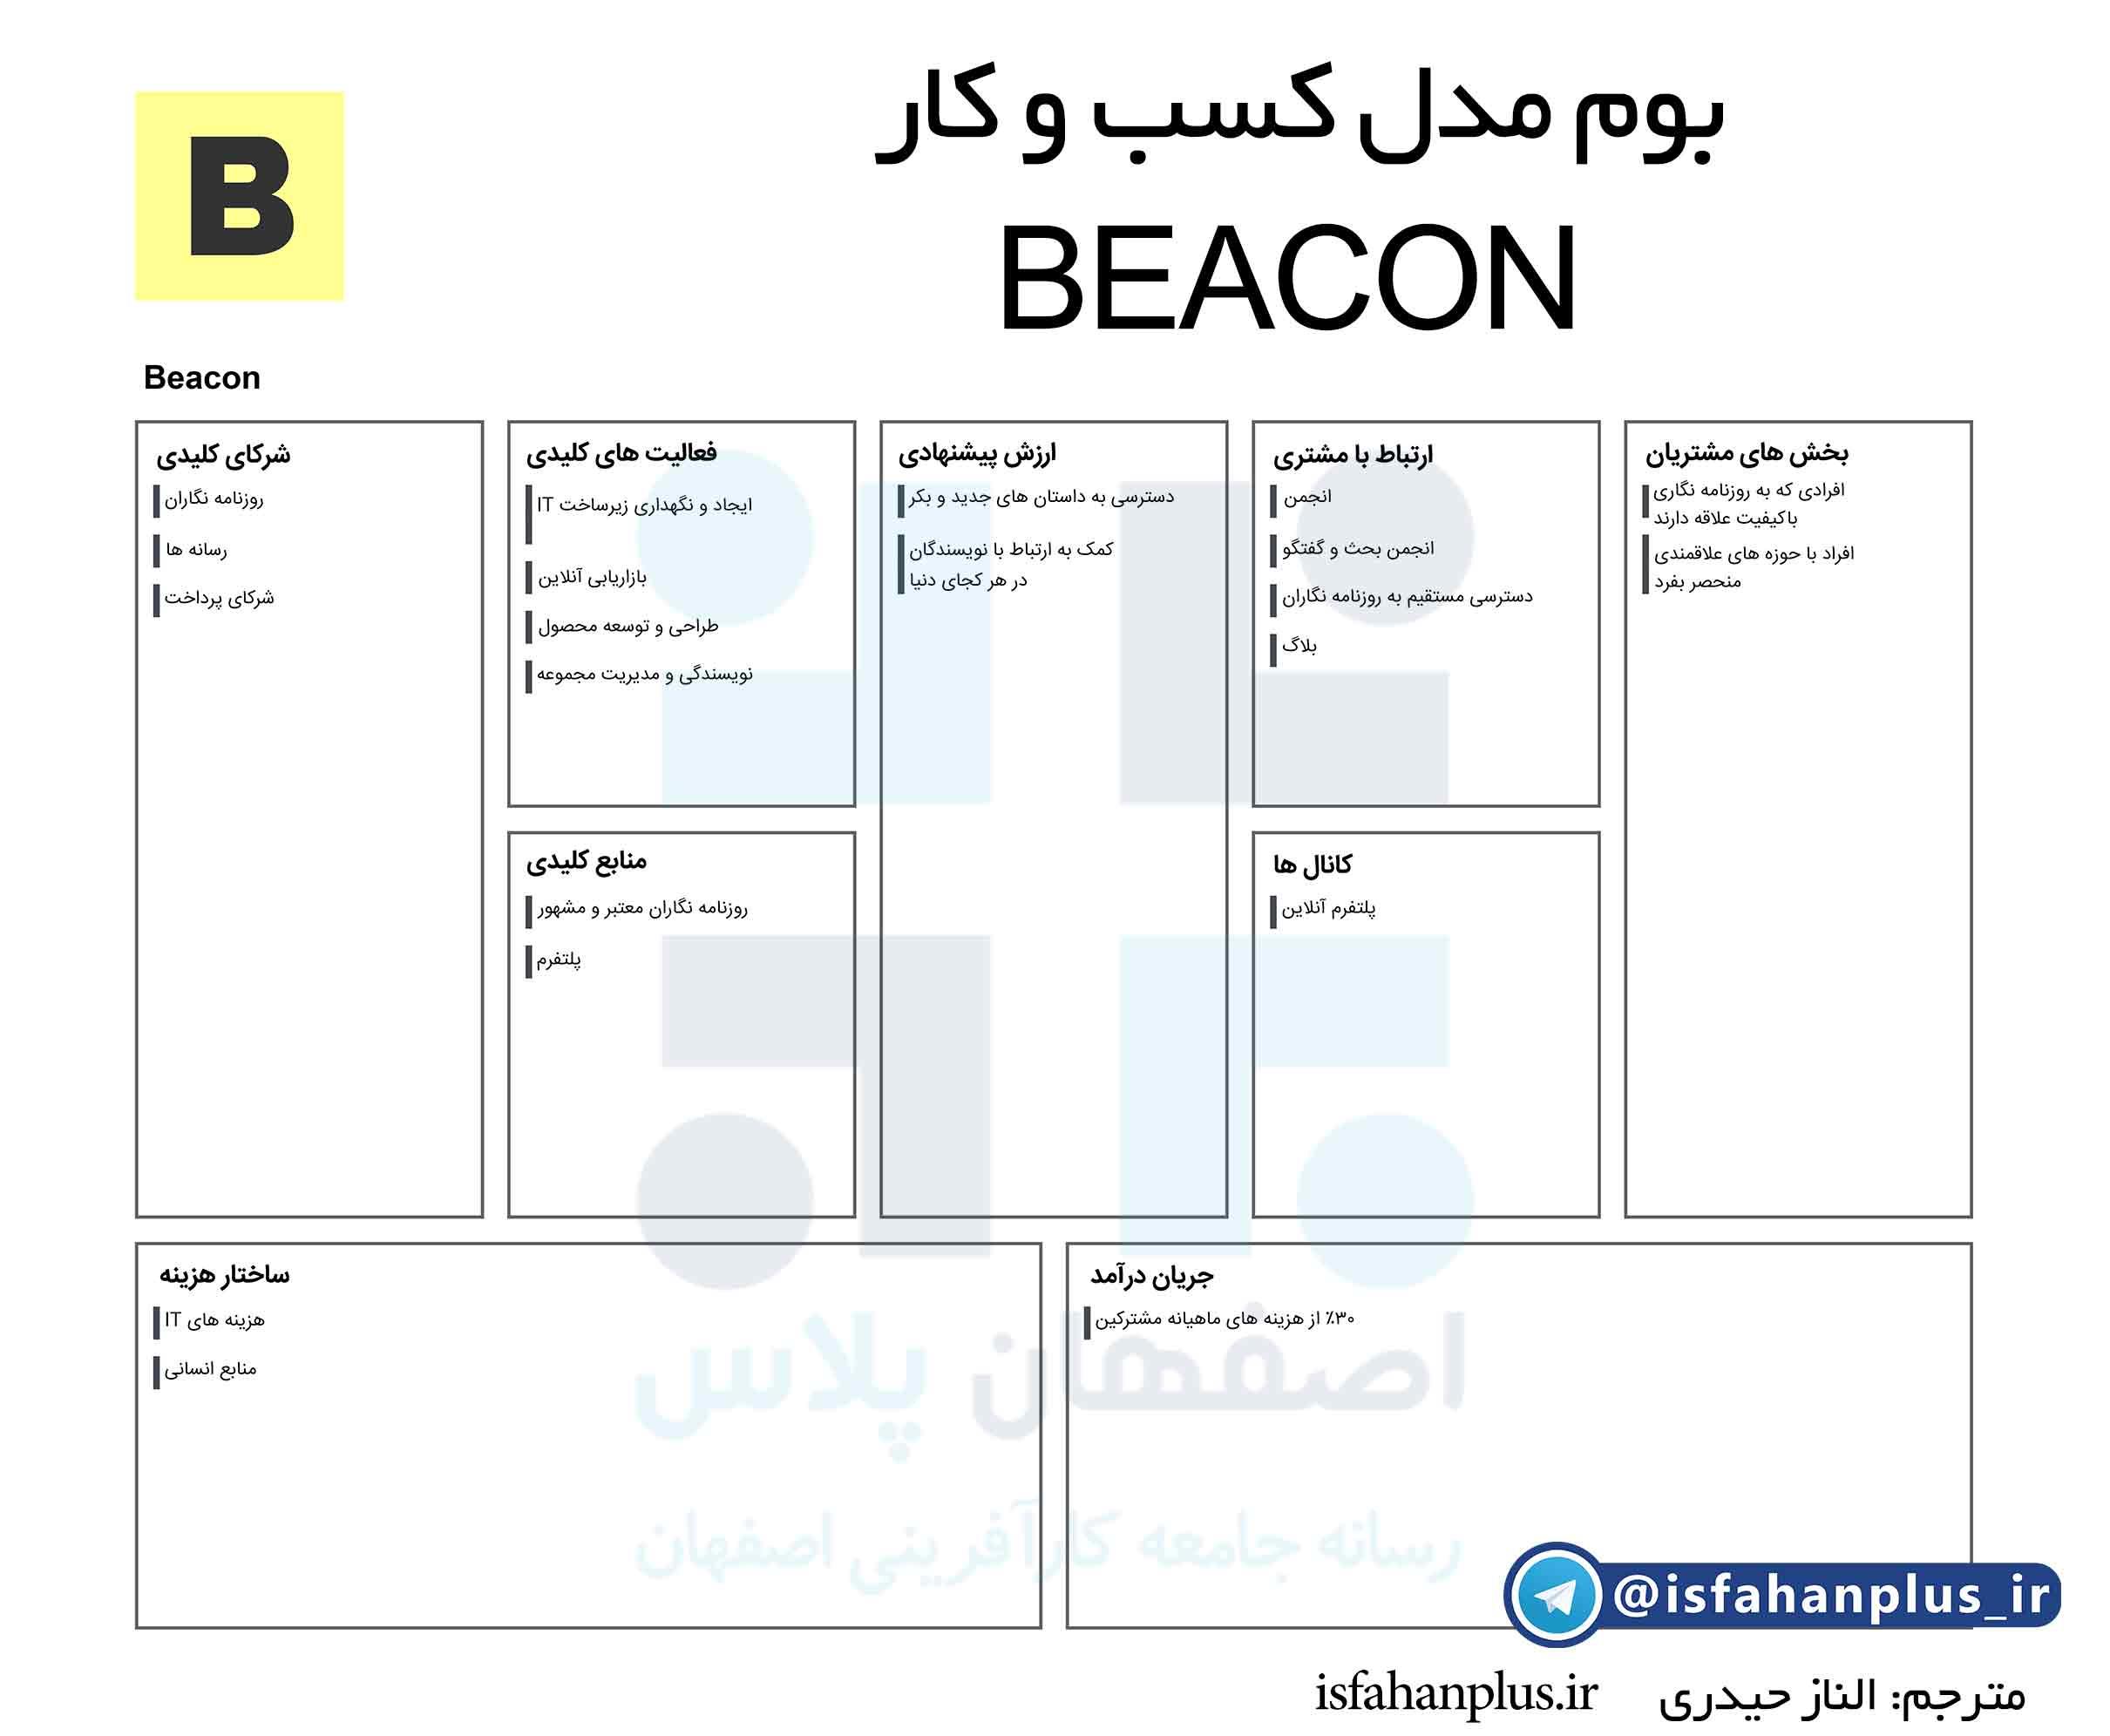 بوم مدل کسب و کار beacon